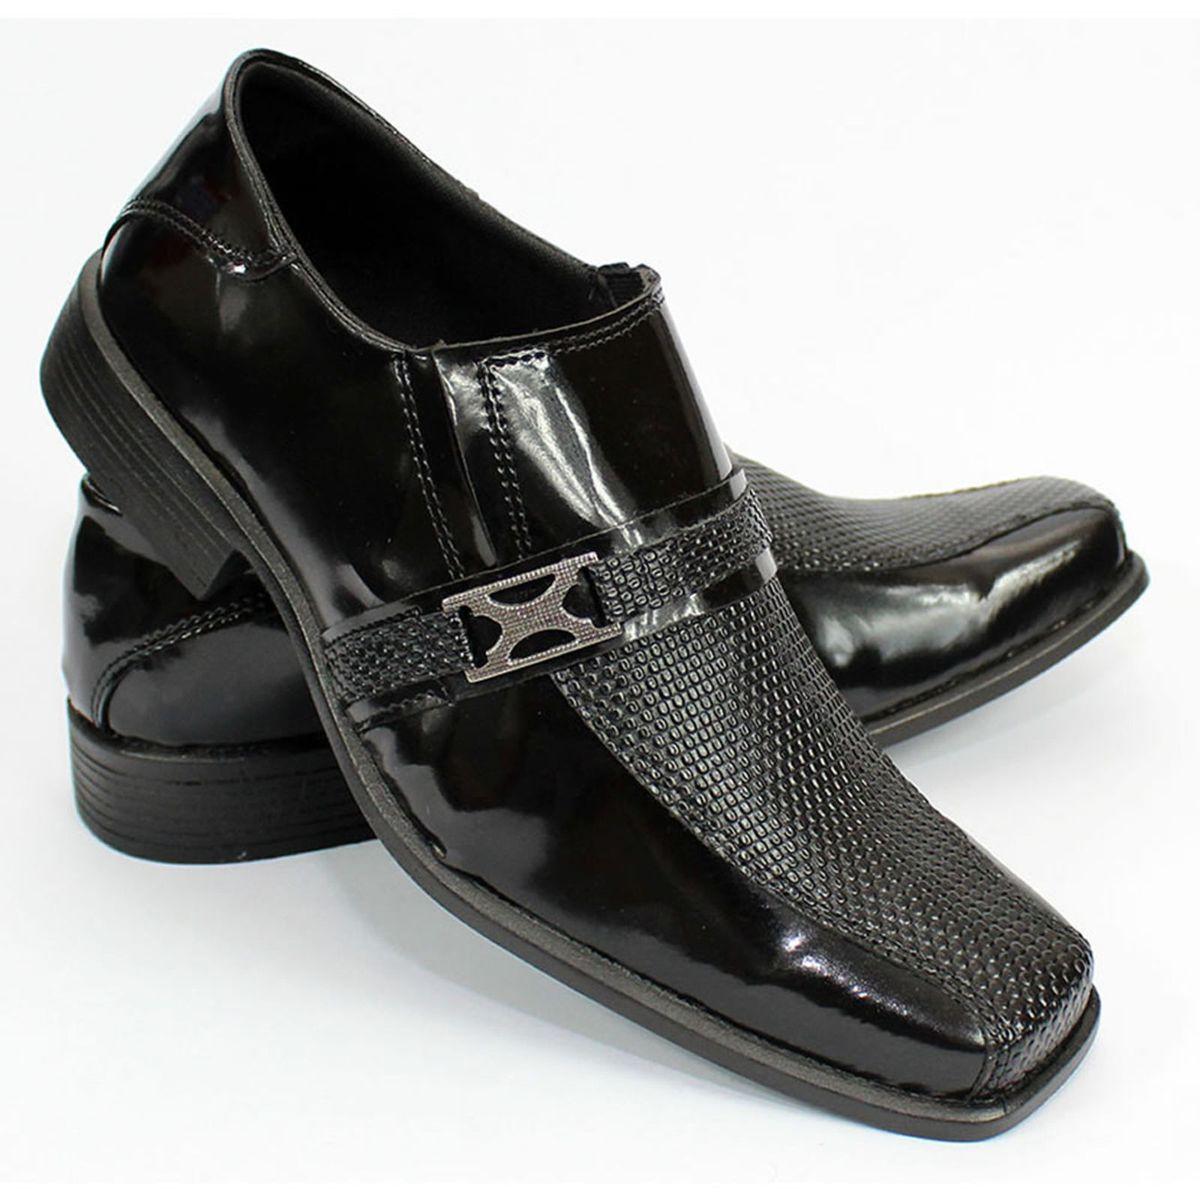 9e74dab190 Sapato Social Verniz Bico Quadrado